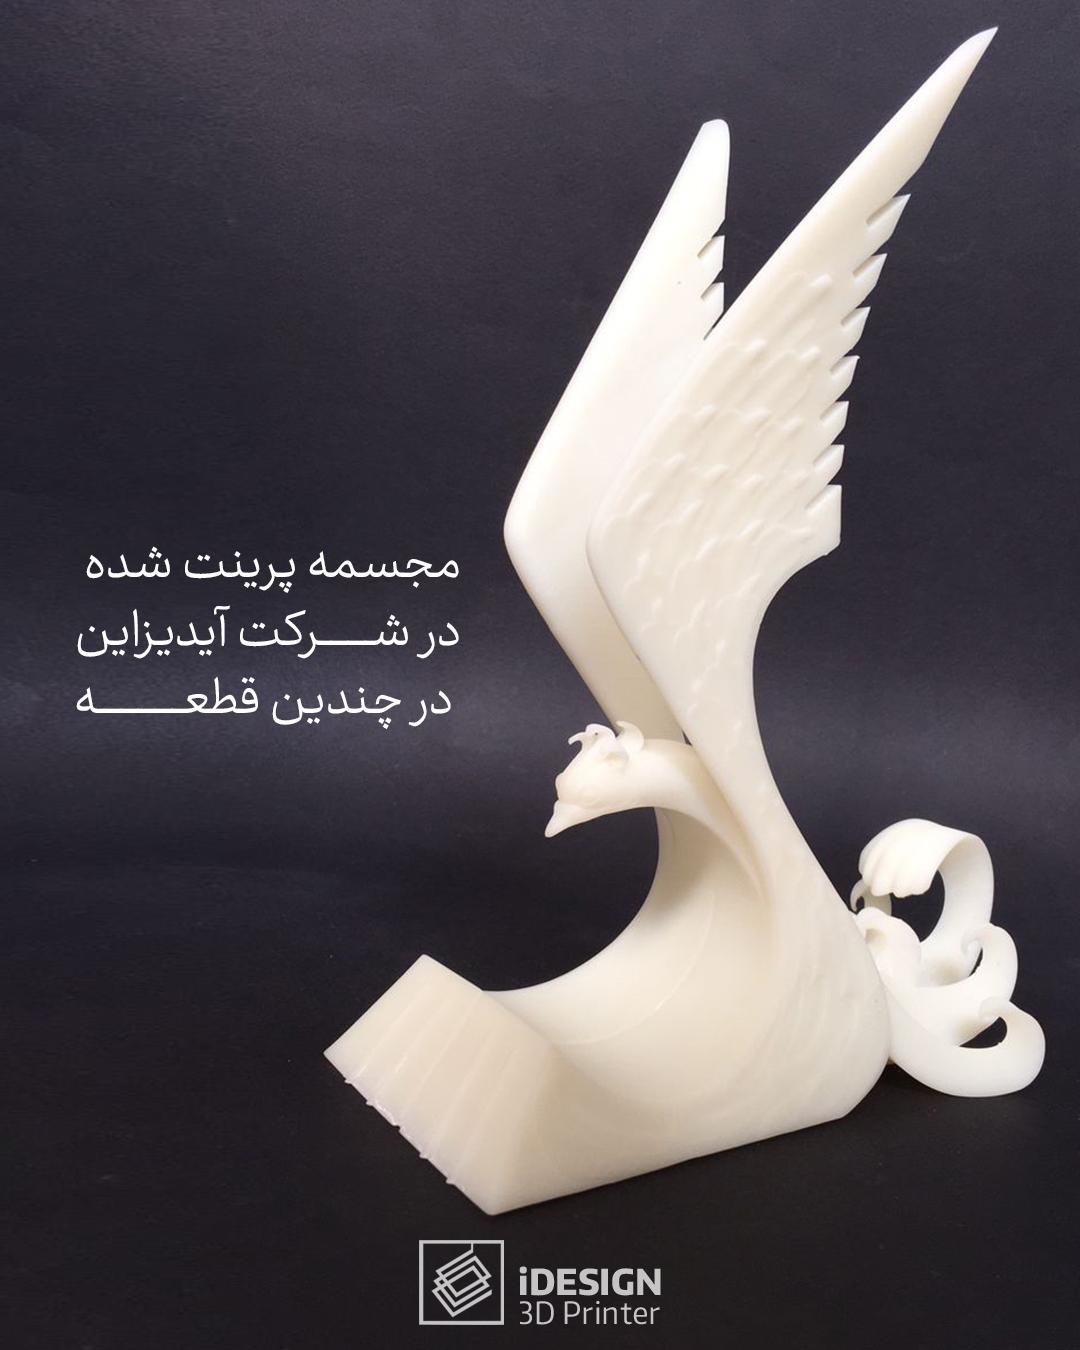 مجسمه سیمرغ پرینت سه بعدی شده در شرکت آیدیزاین